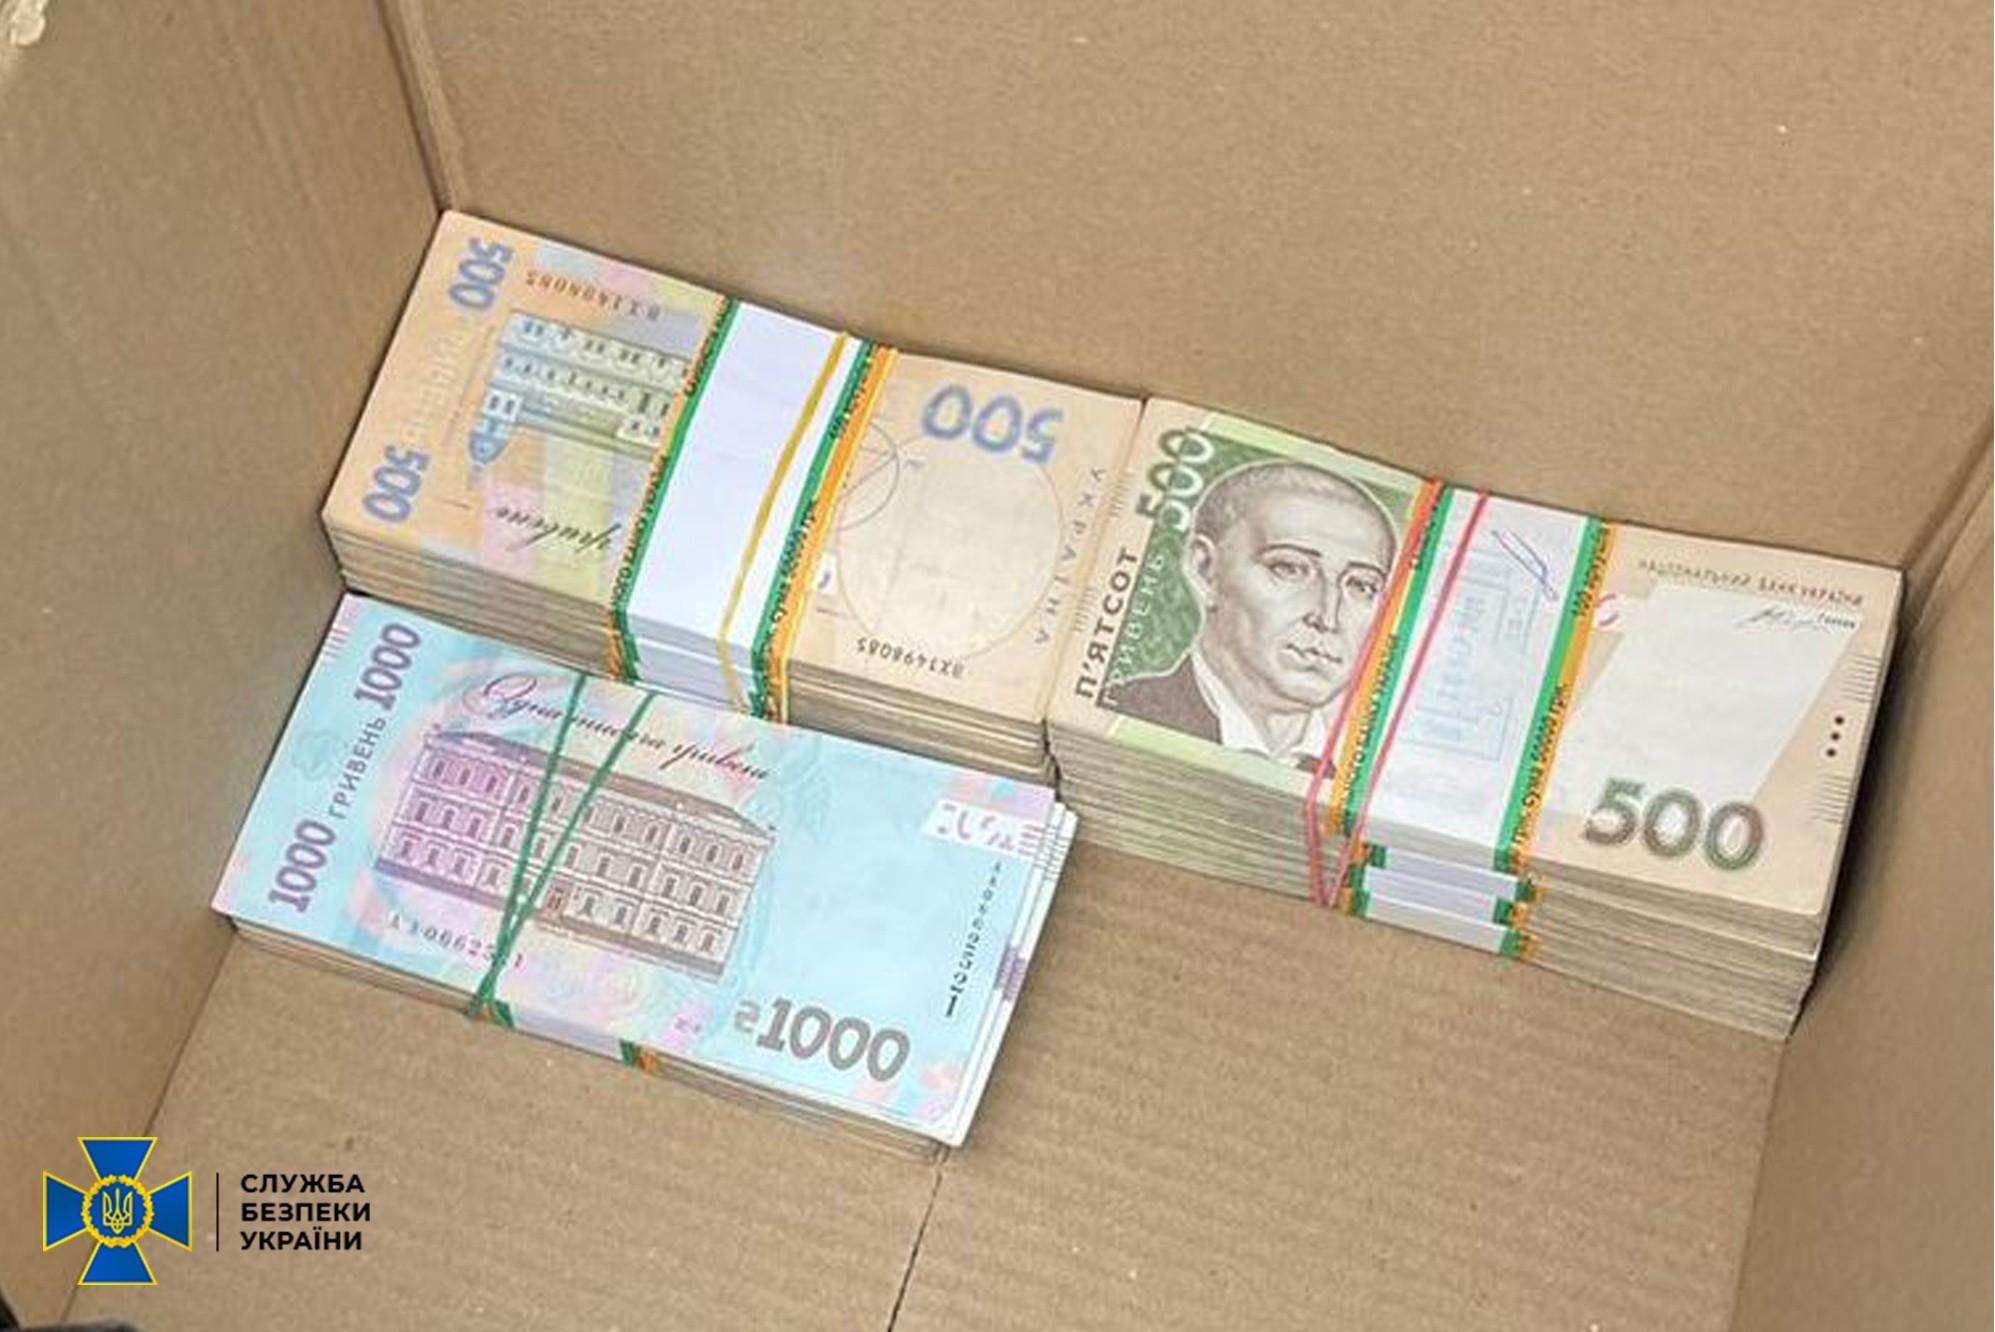 СБУ: Медики Житомирского онкодиспансера заставляли пациентов покупать бесплатные лекарства